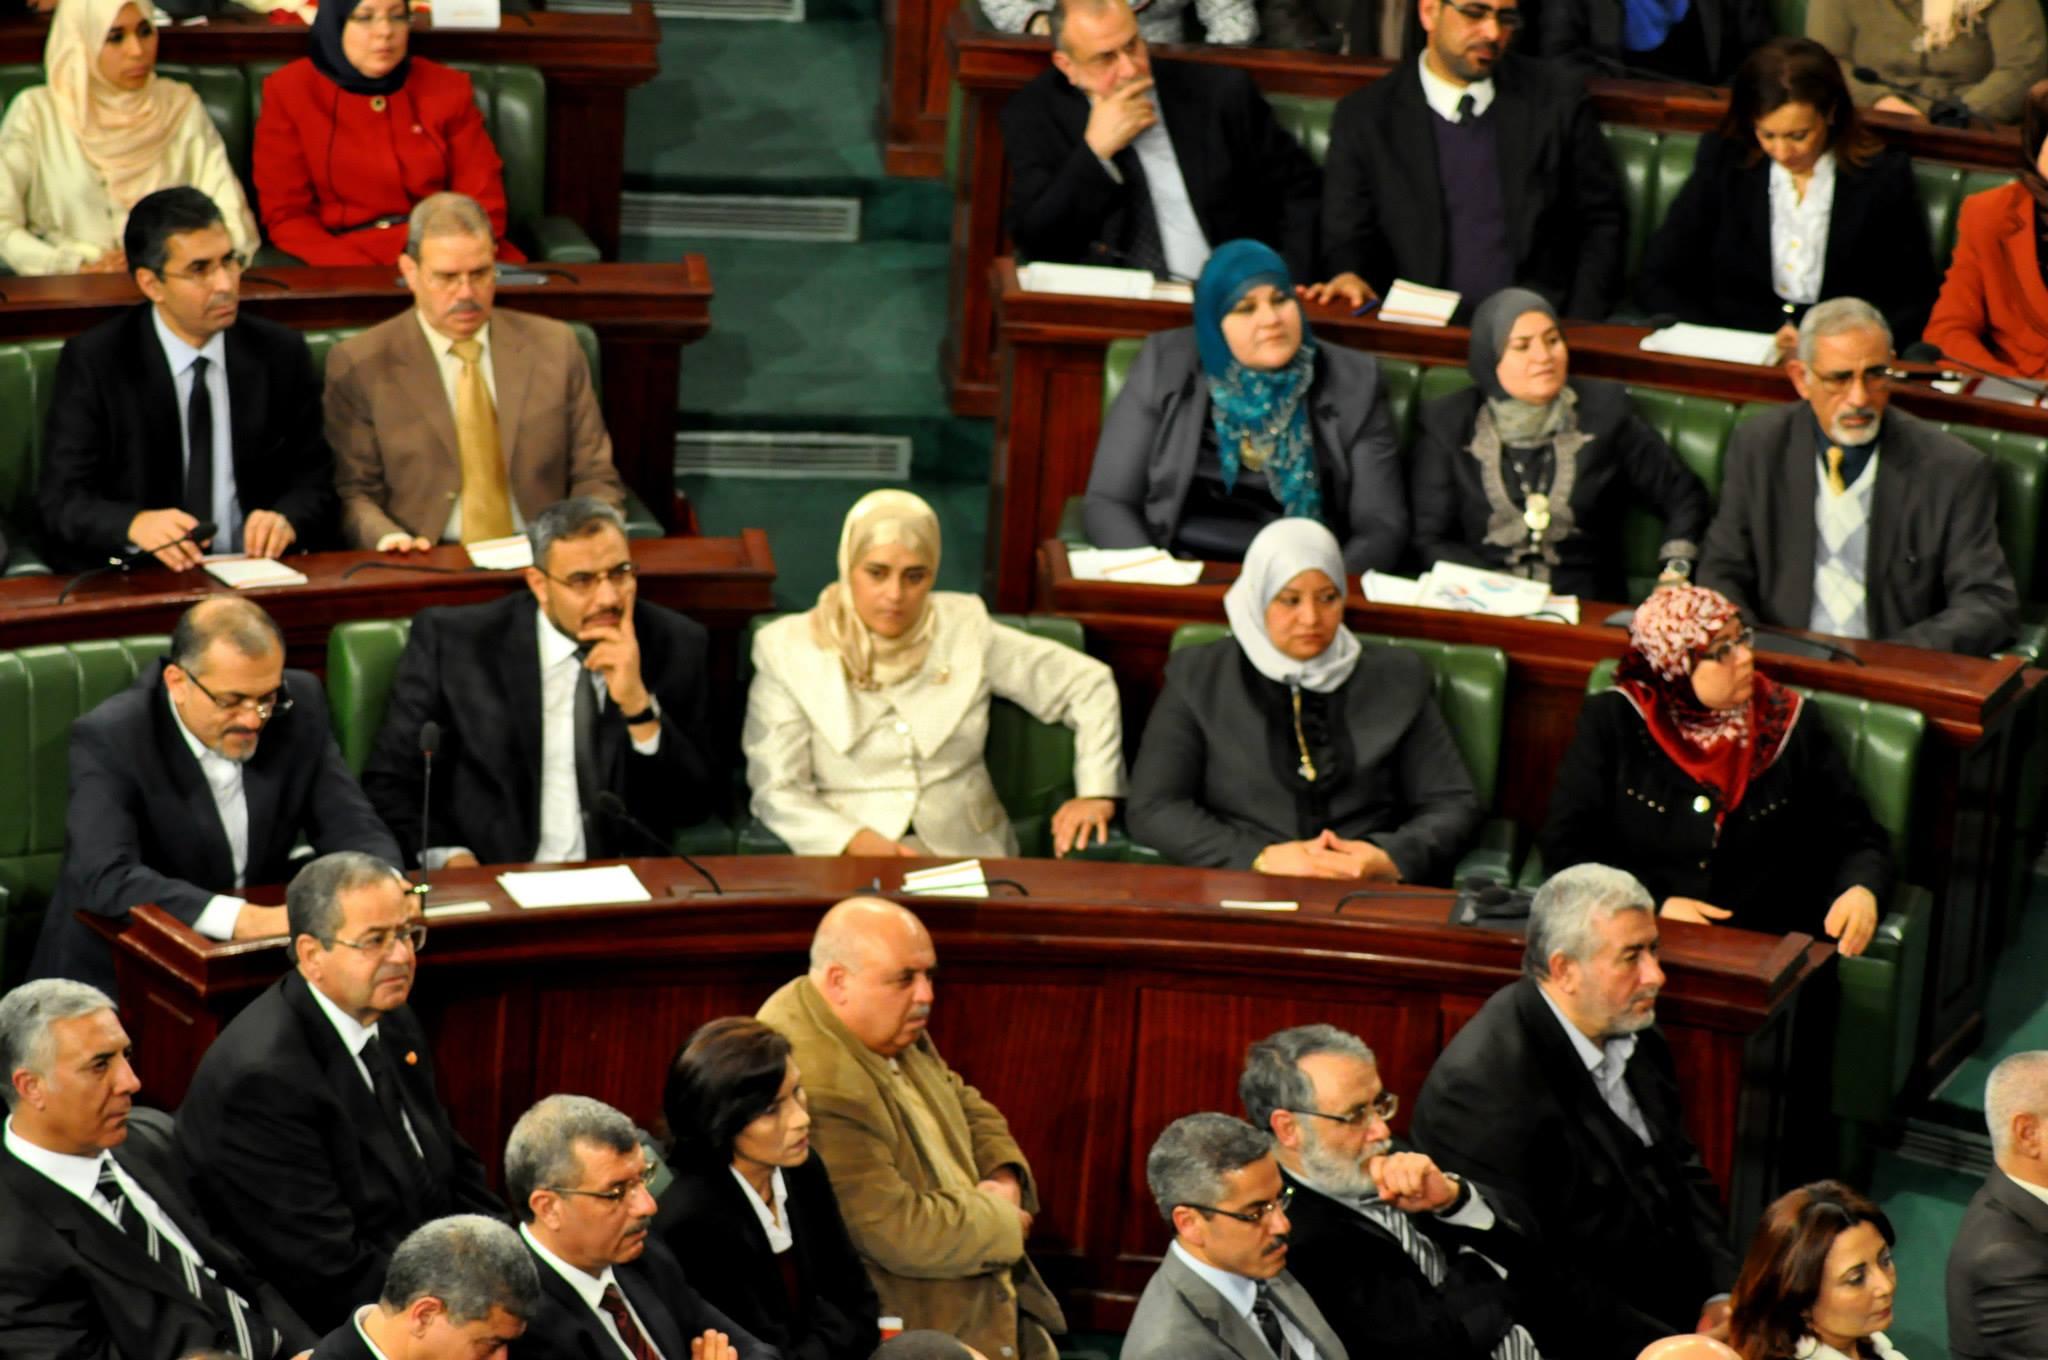 صورة تحرك كبير ضده.. نائب تونسي: المرأة «سلـ.ـعة» والأمهات العازبات بـ«عـ.ـاهرات»